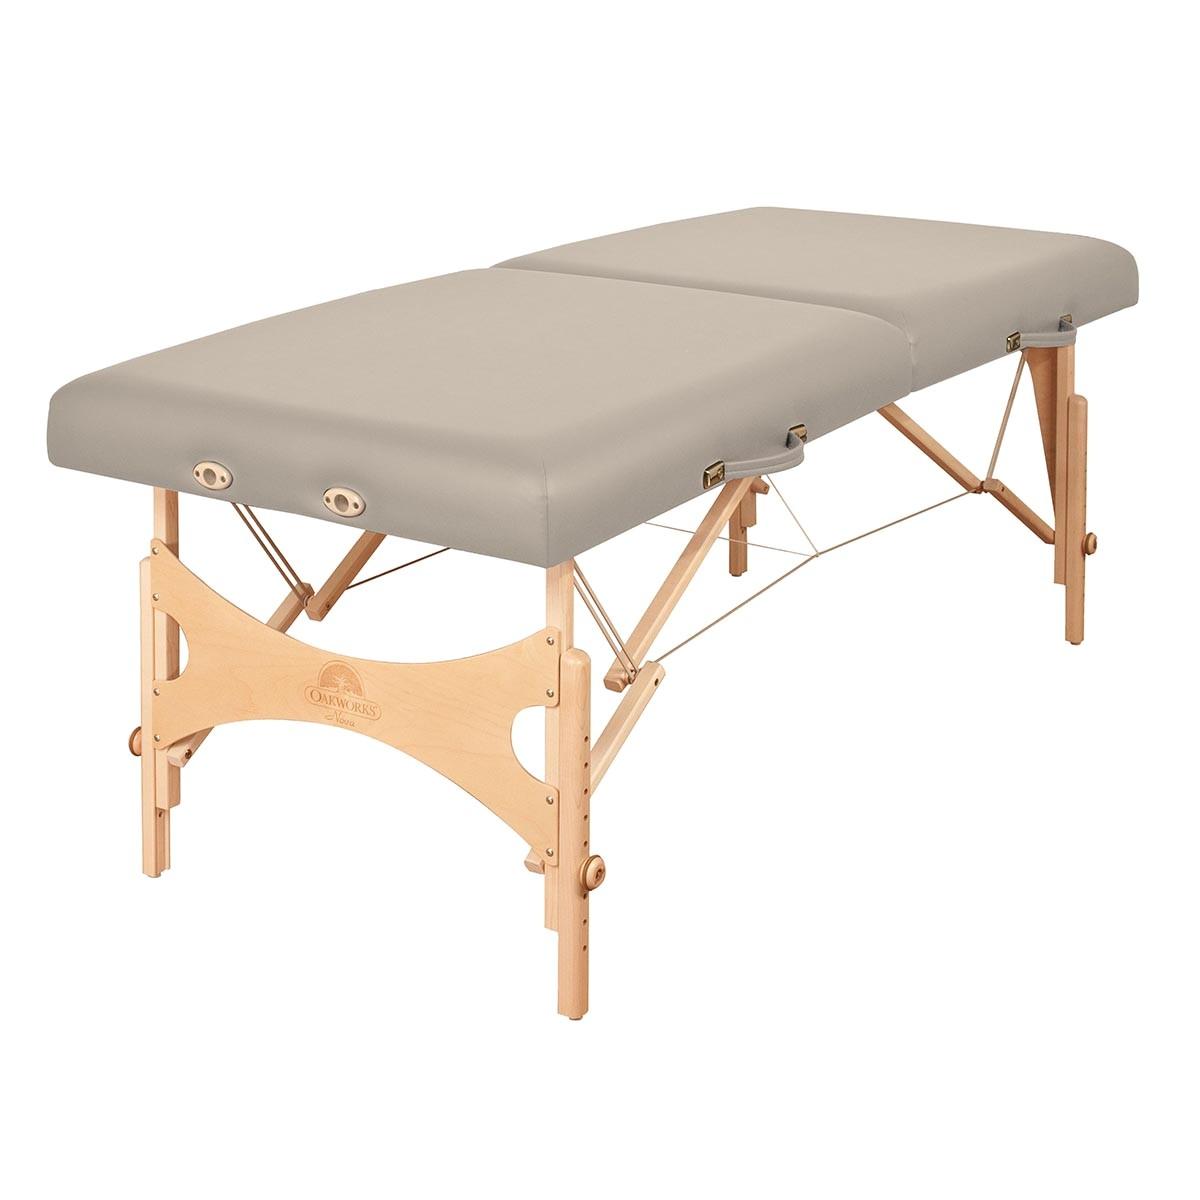 oakworks nova massage table only opal 31 w60701op3 oakworks 32874 t12 p 944 21320